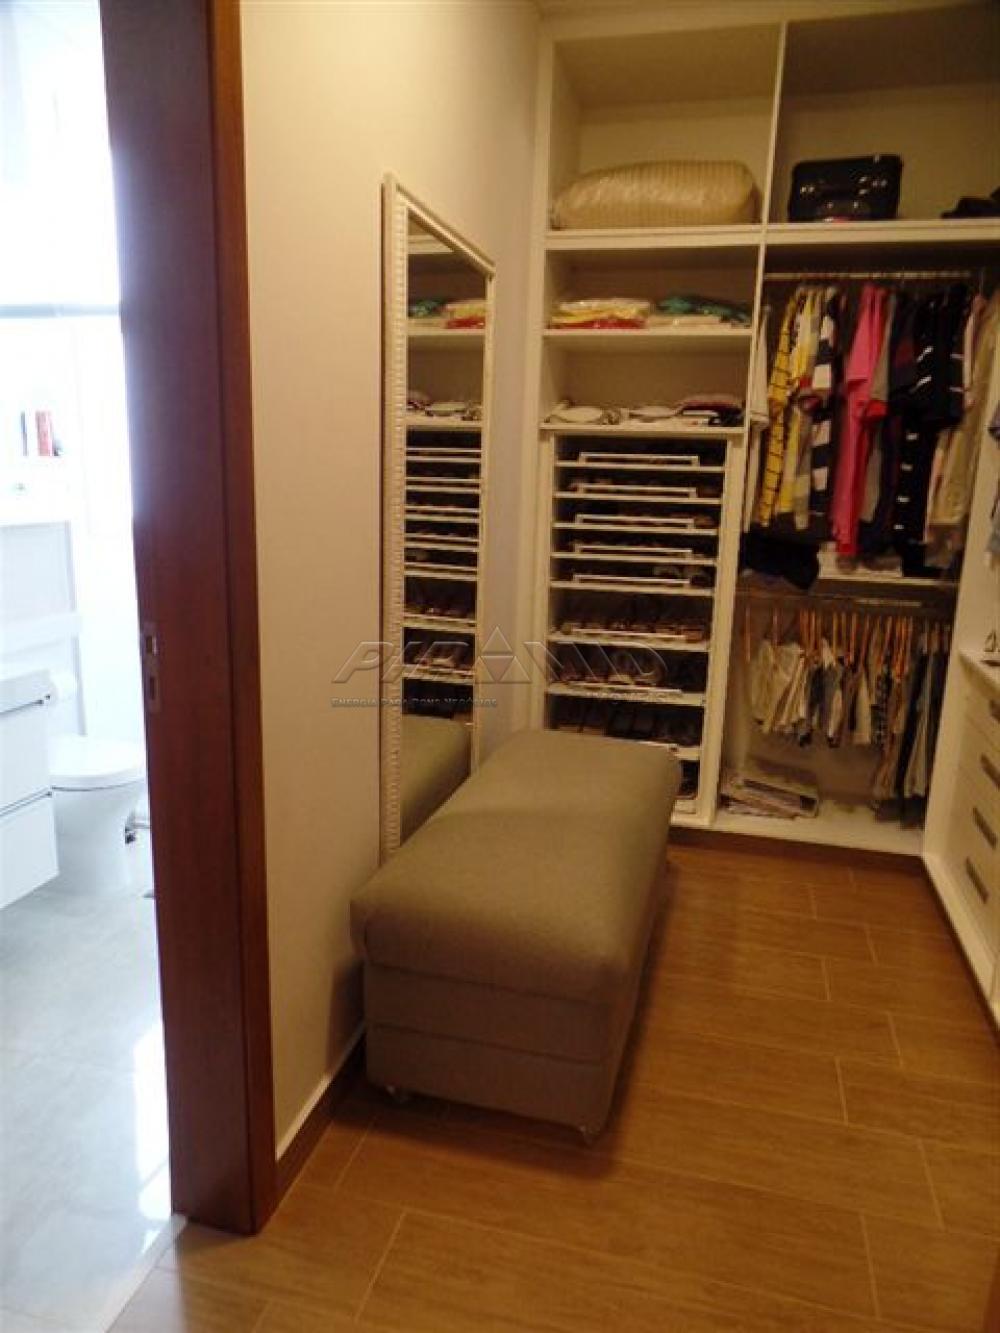 Comprar Casa / Condomínio em Bonfim Paulista apenas R$ 1.630.000,00 - Foto 23